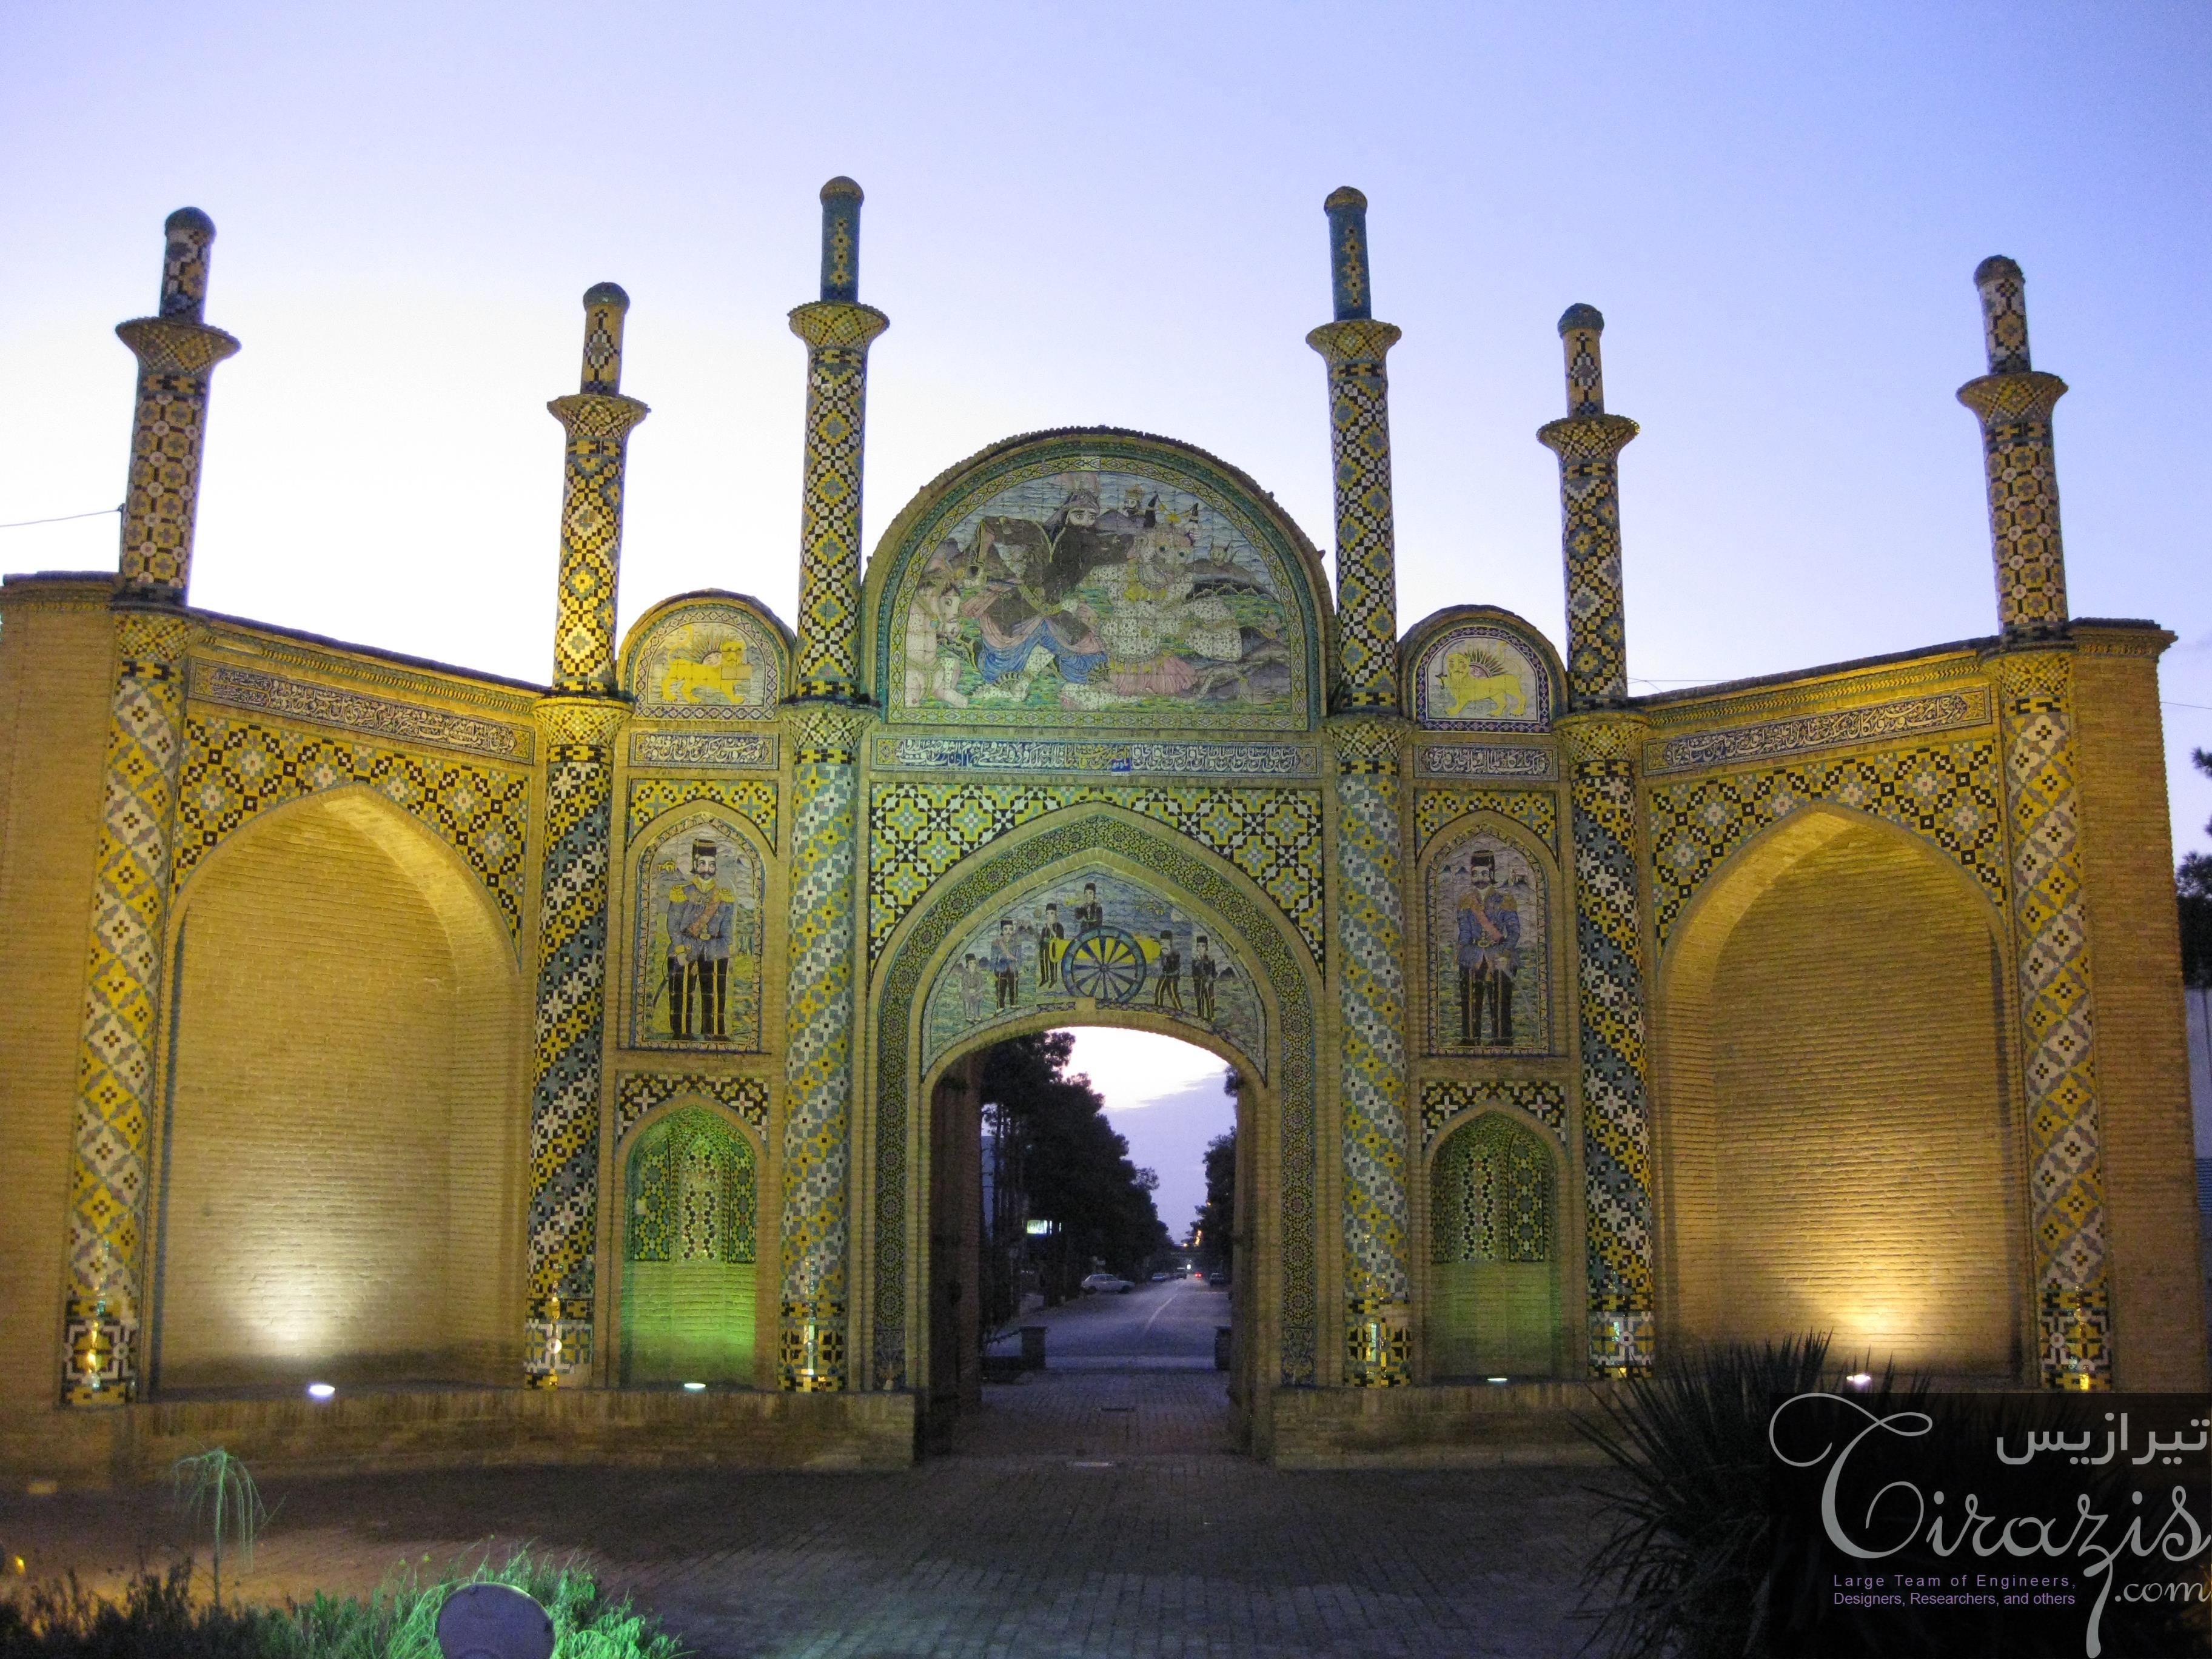 مطالعات اقلیم شهرستان سمنان - Semnan city climate studies